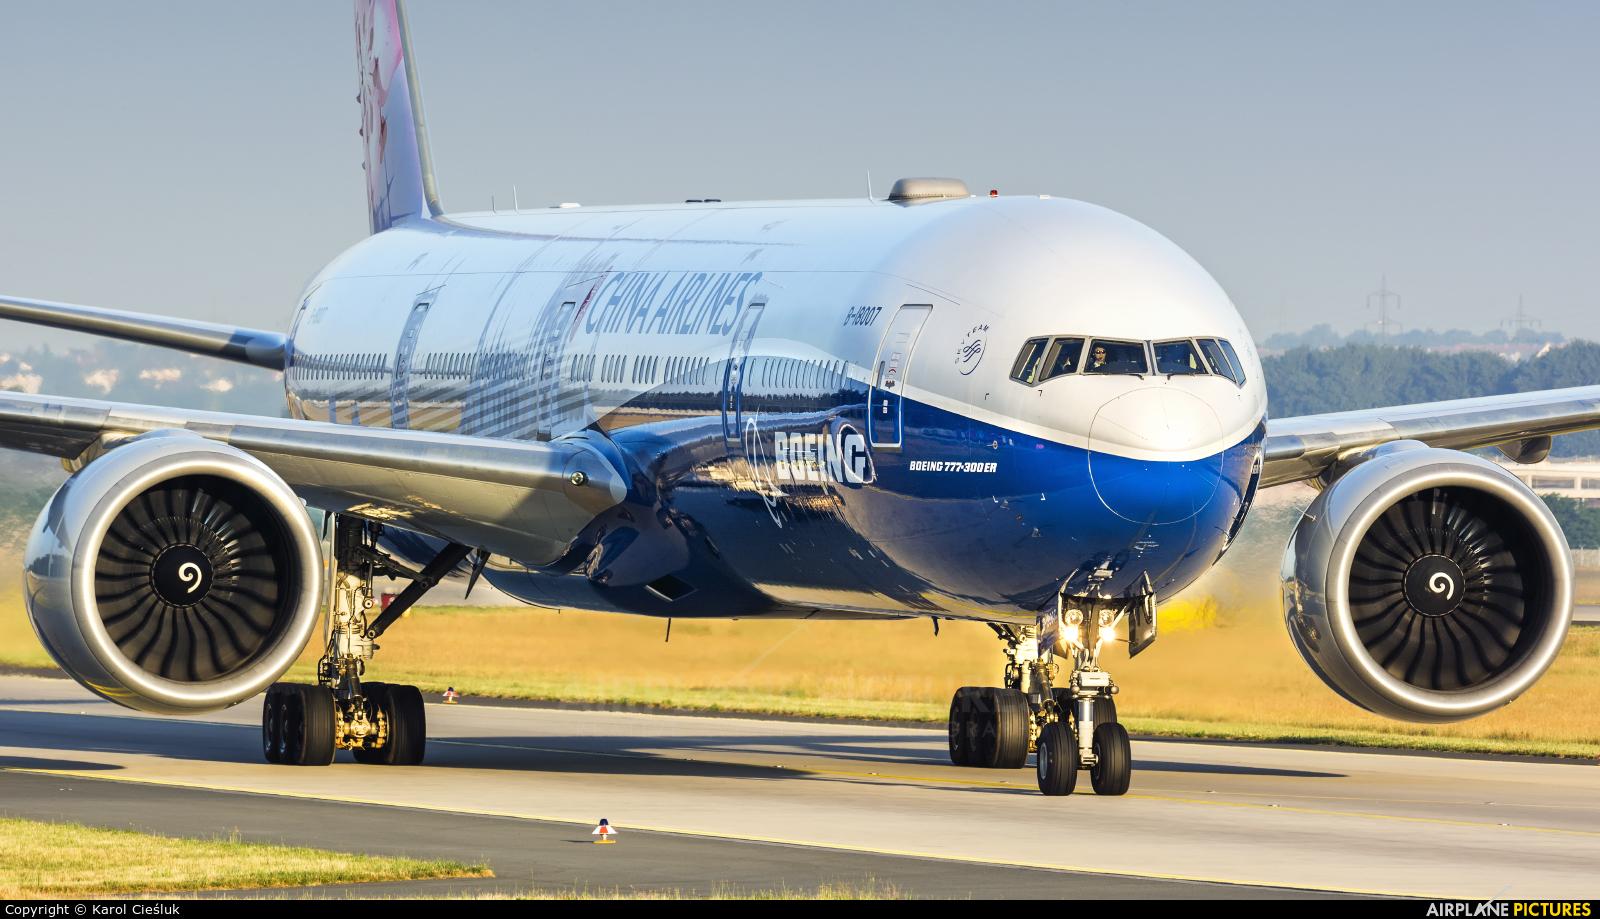 China Airlines B-18007 aircraft at Frankfurt